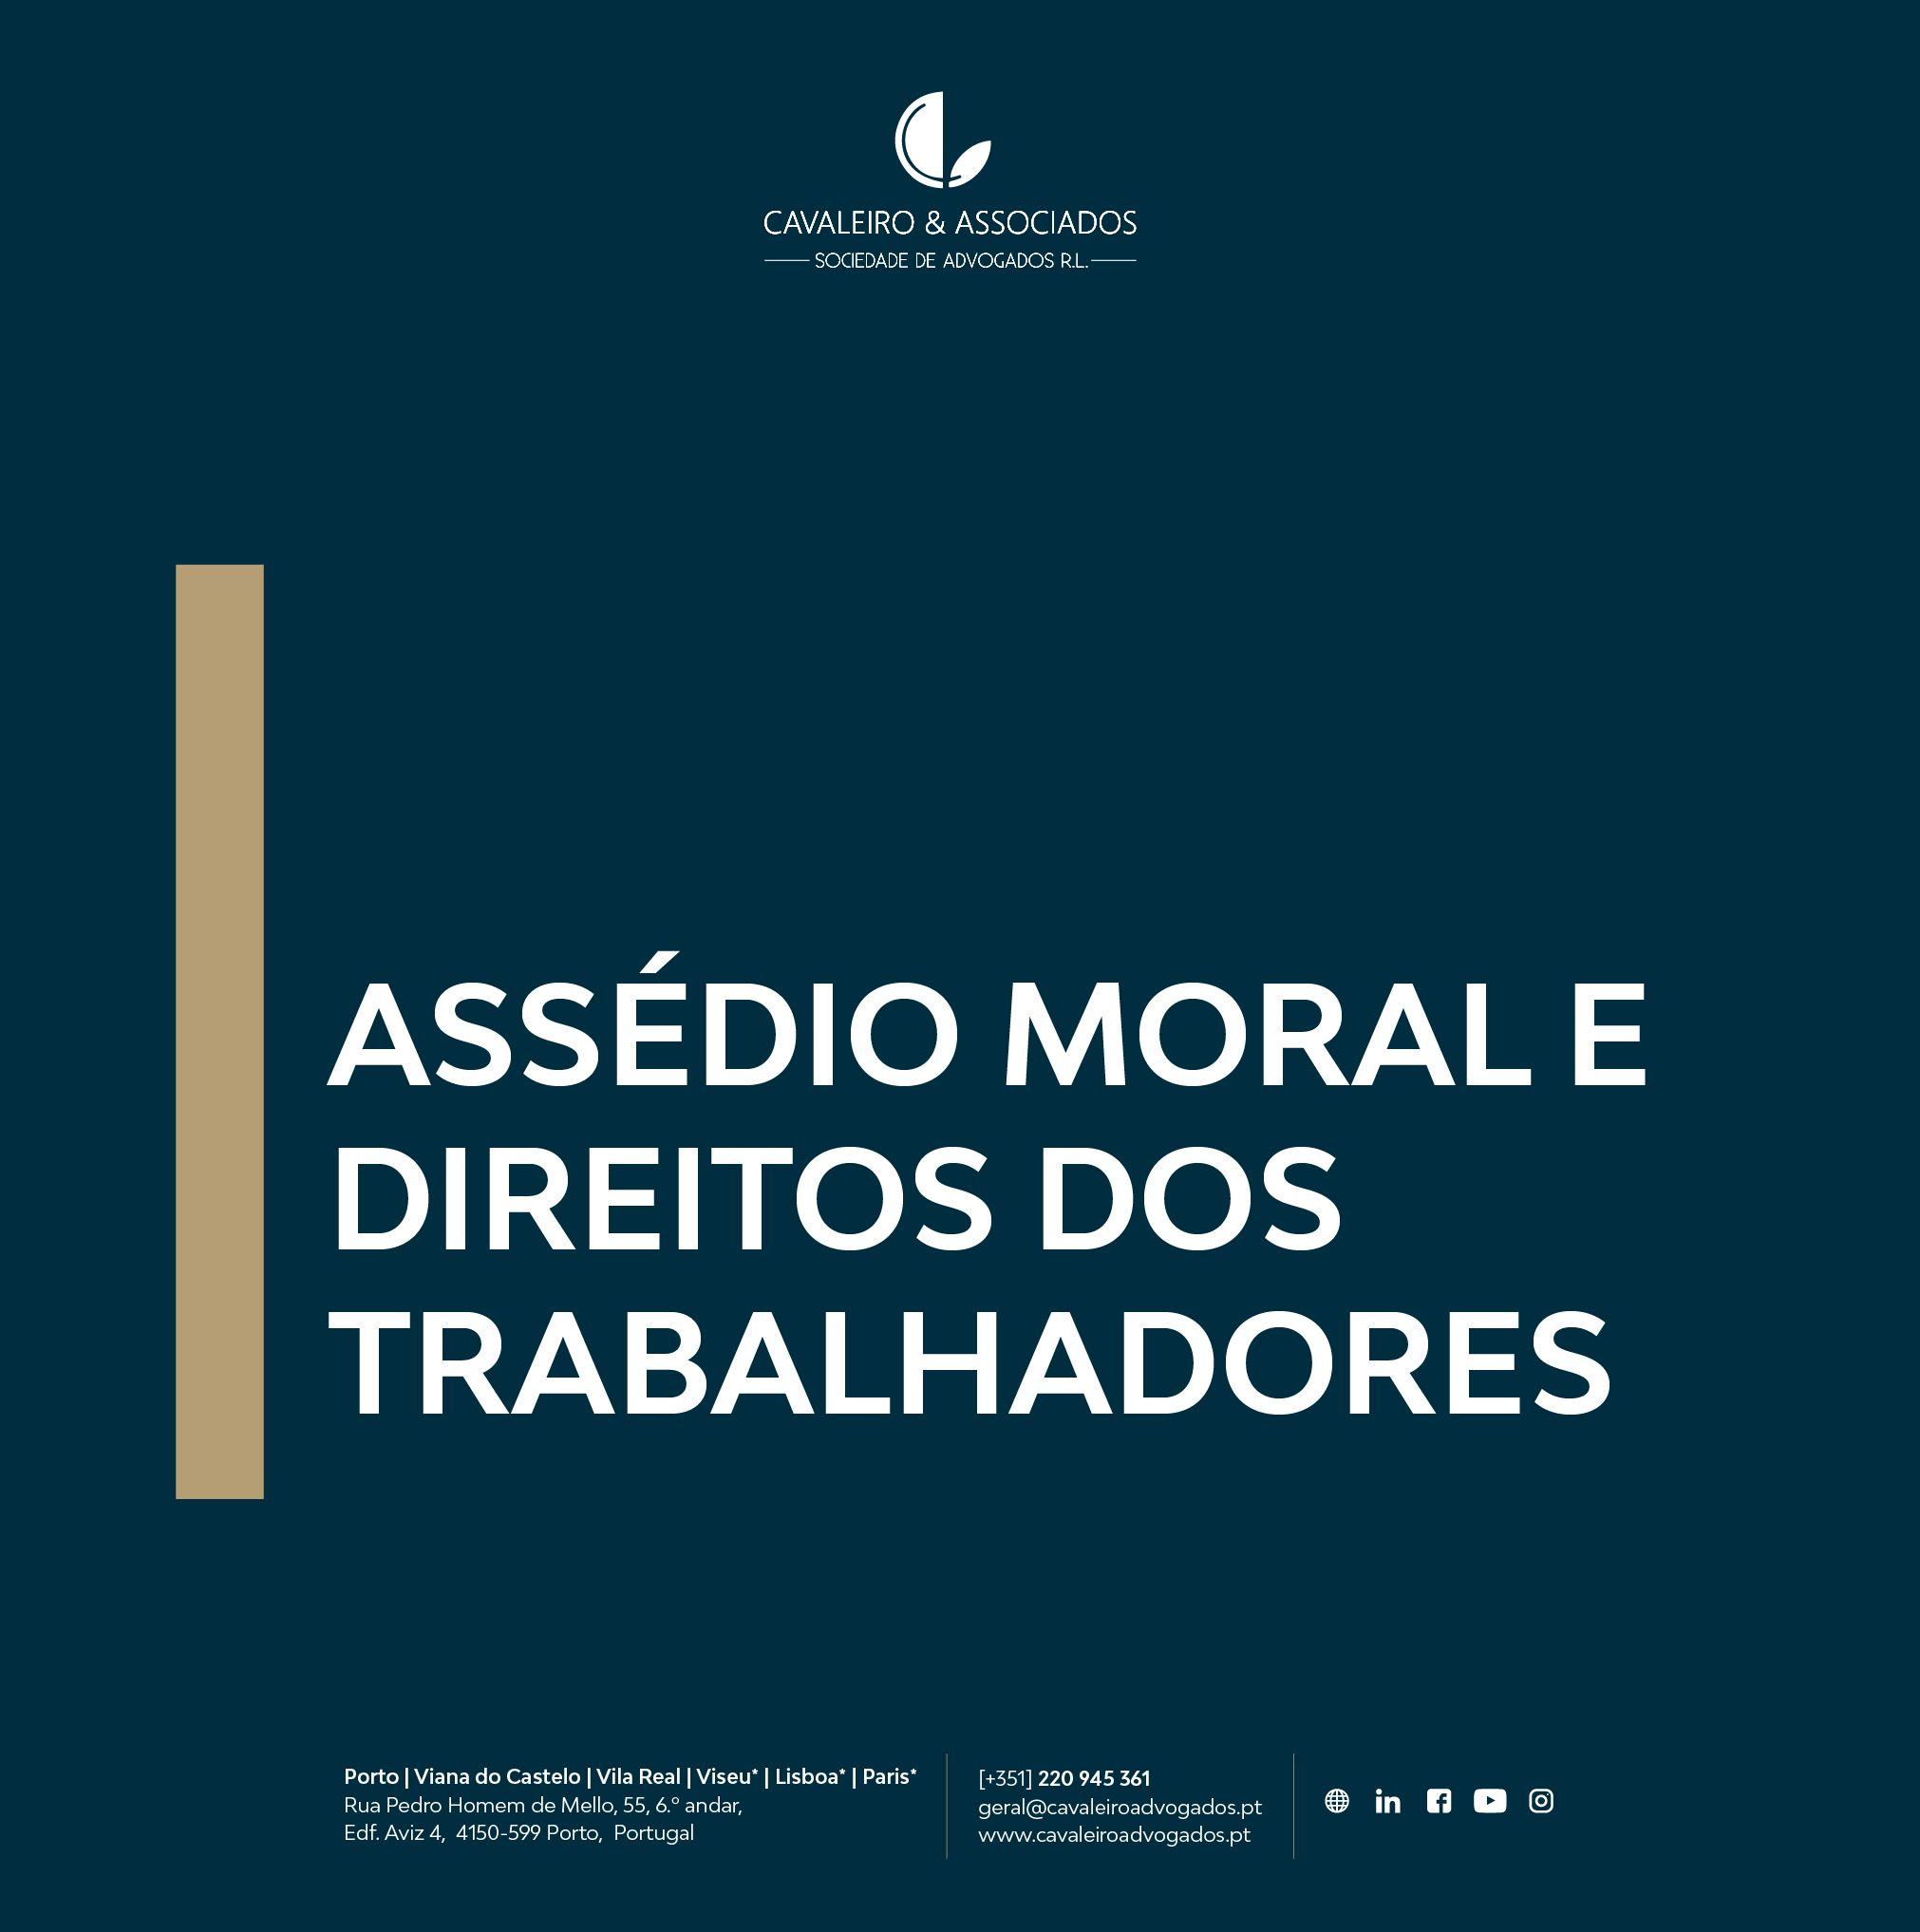 ASSÉDIO MORAL E DIREITOS DOS TRABALHADORES